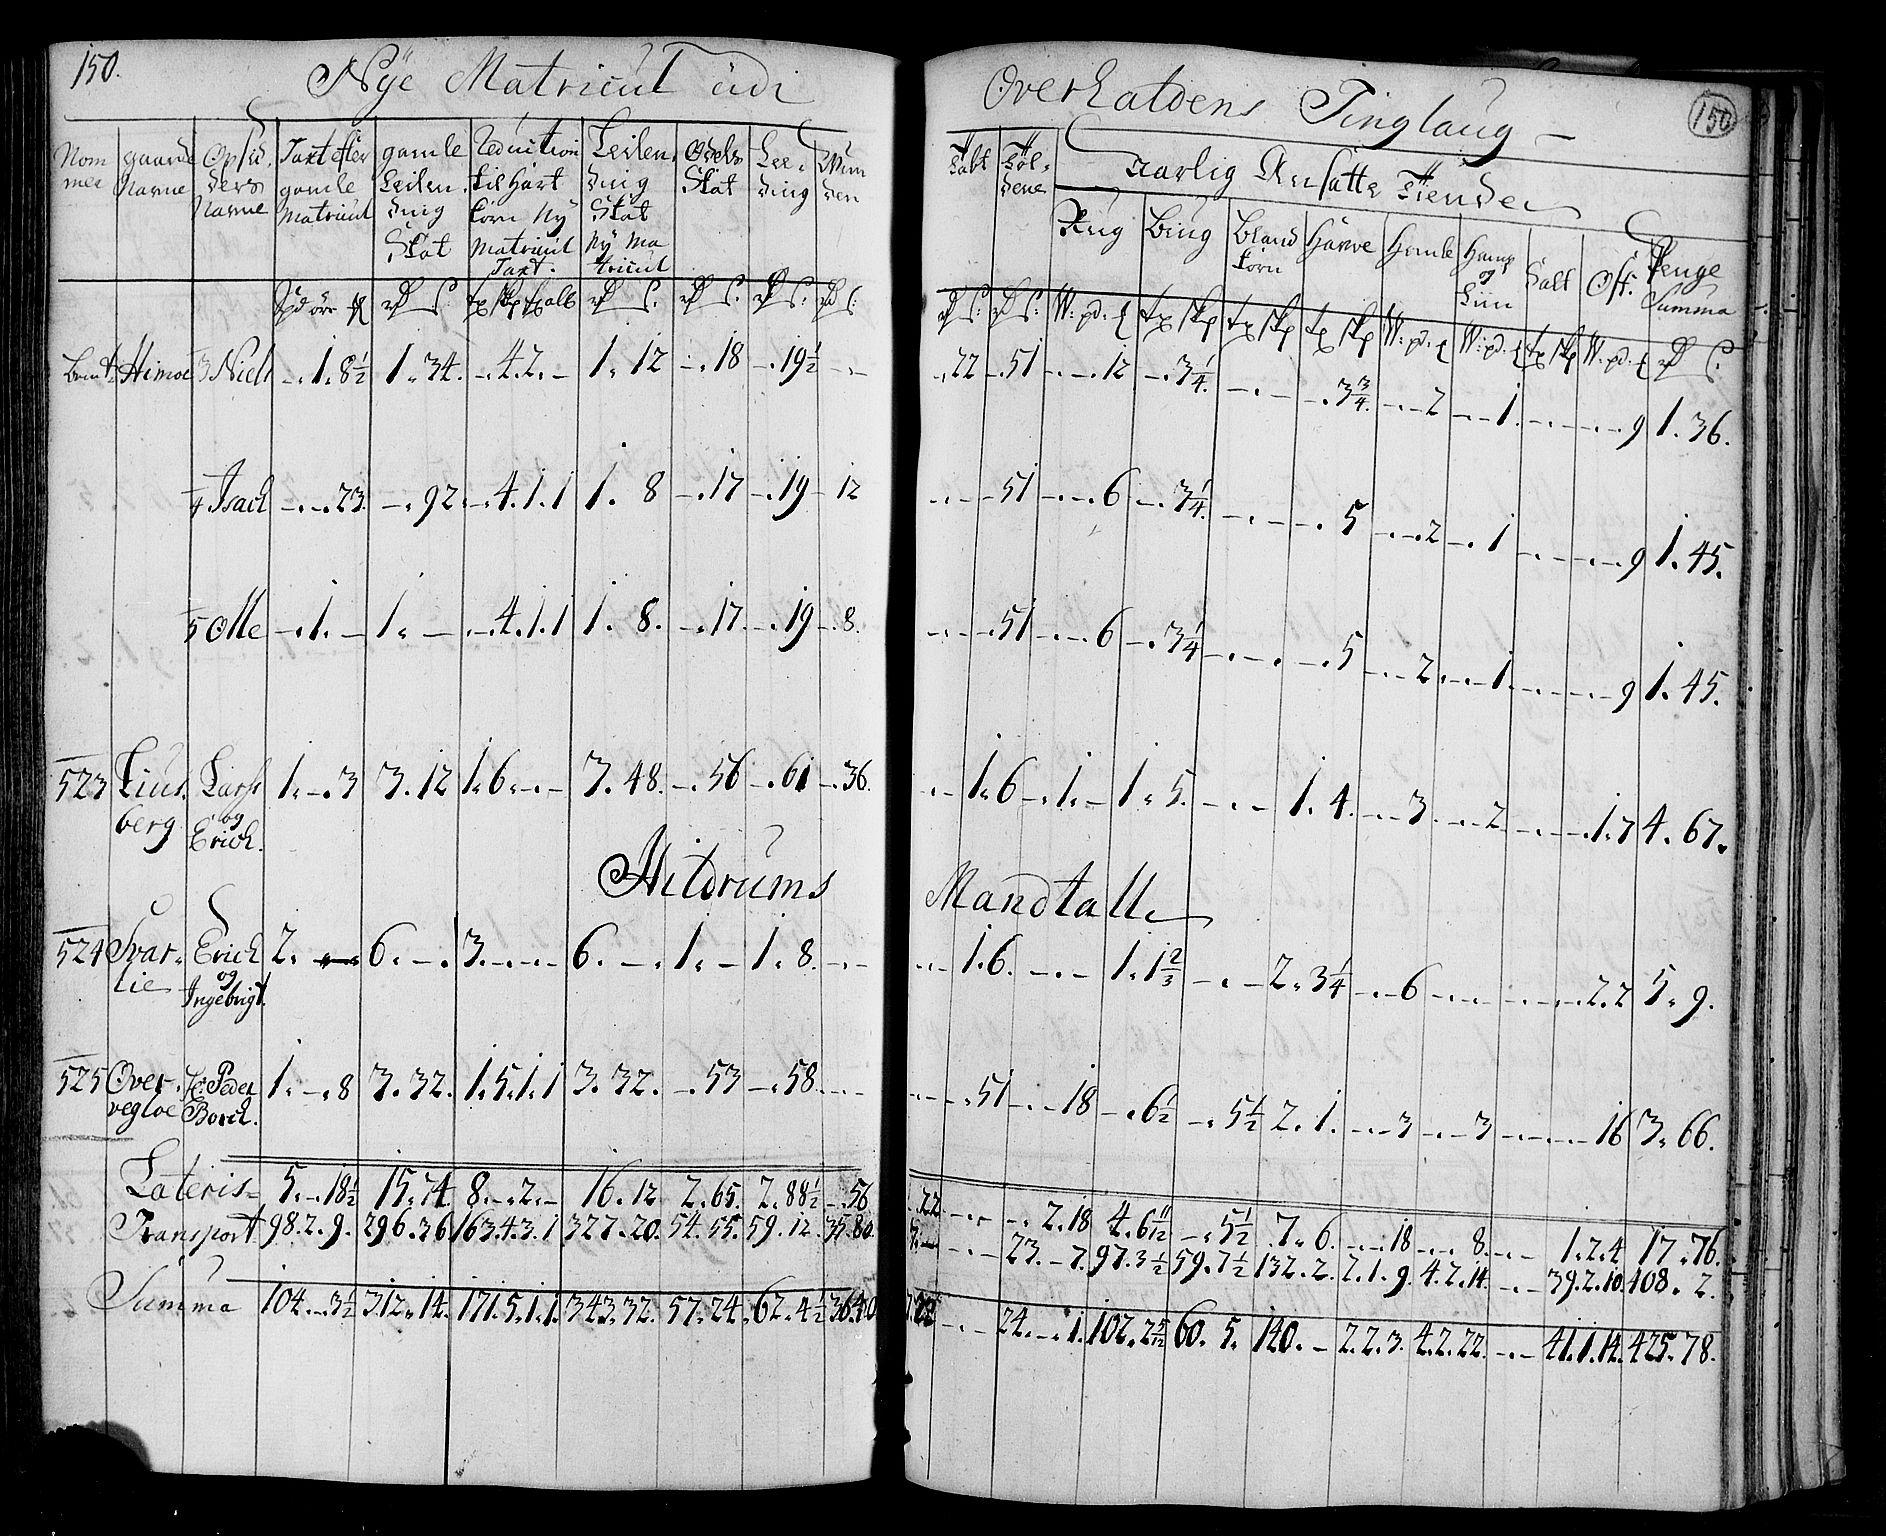 RA, Rentekammeret inntil 1814, Realistisk ordnet avdeling, N/Nb/Nbf/L0169: Namdalen matrikkelprotokoll, 1723, s. 149b-150a